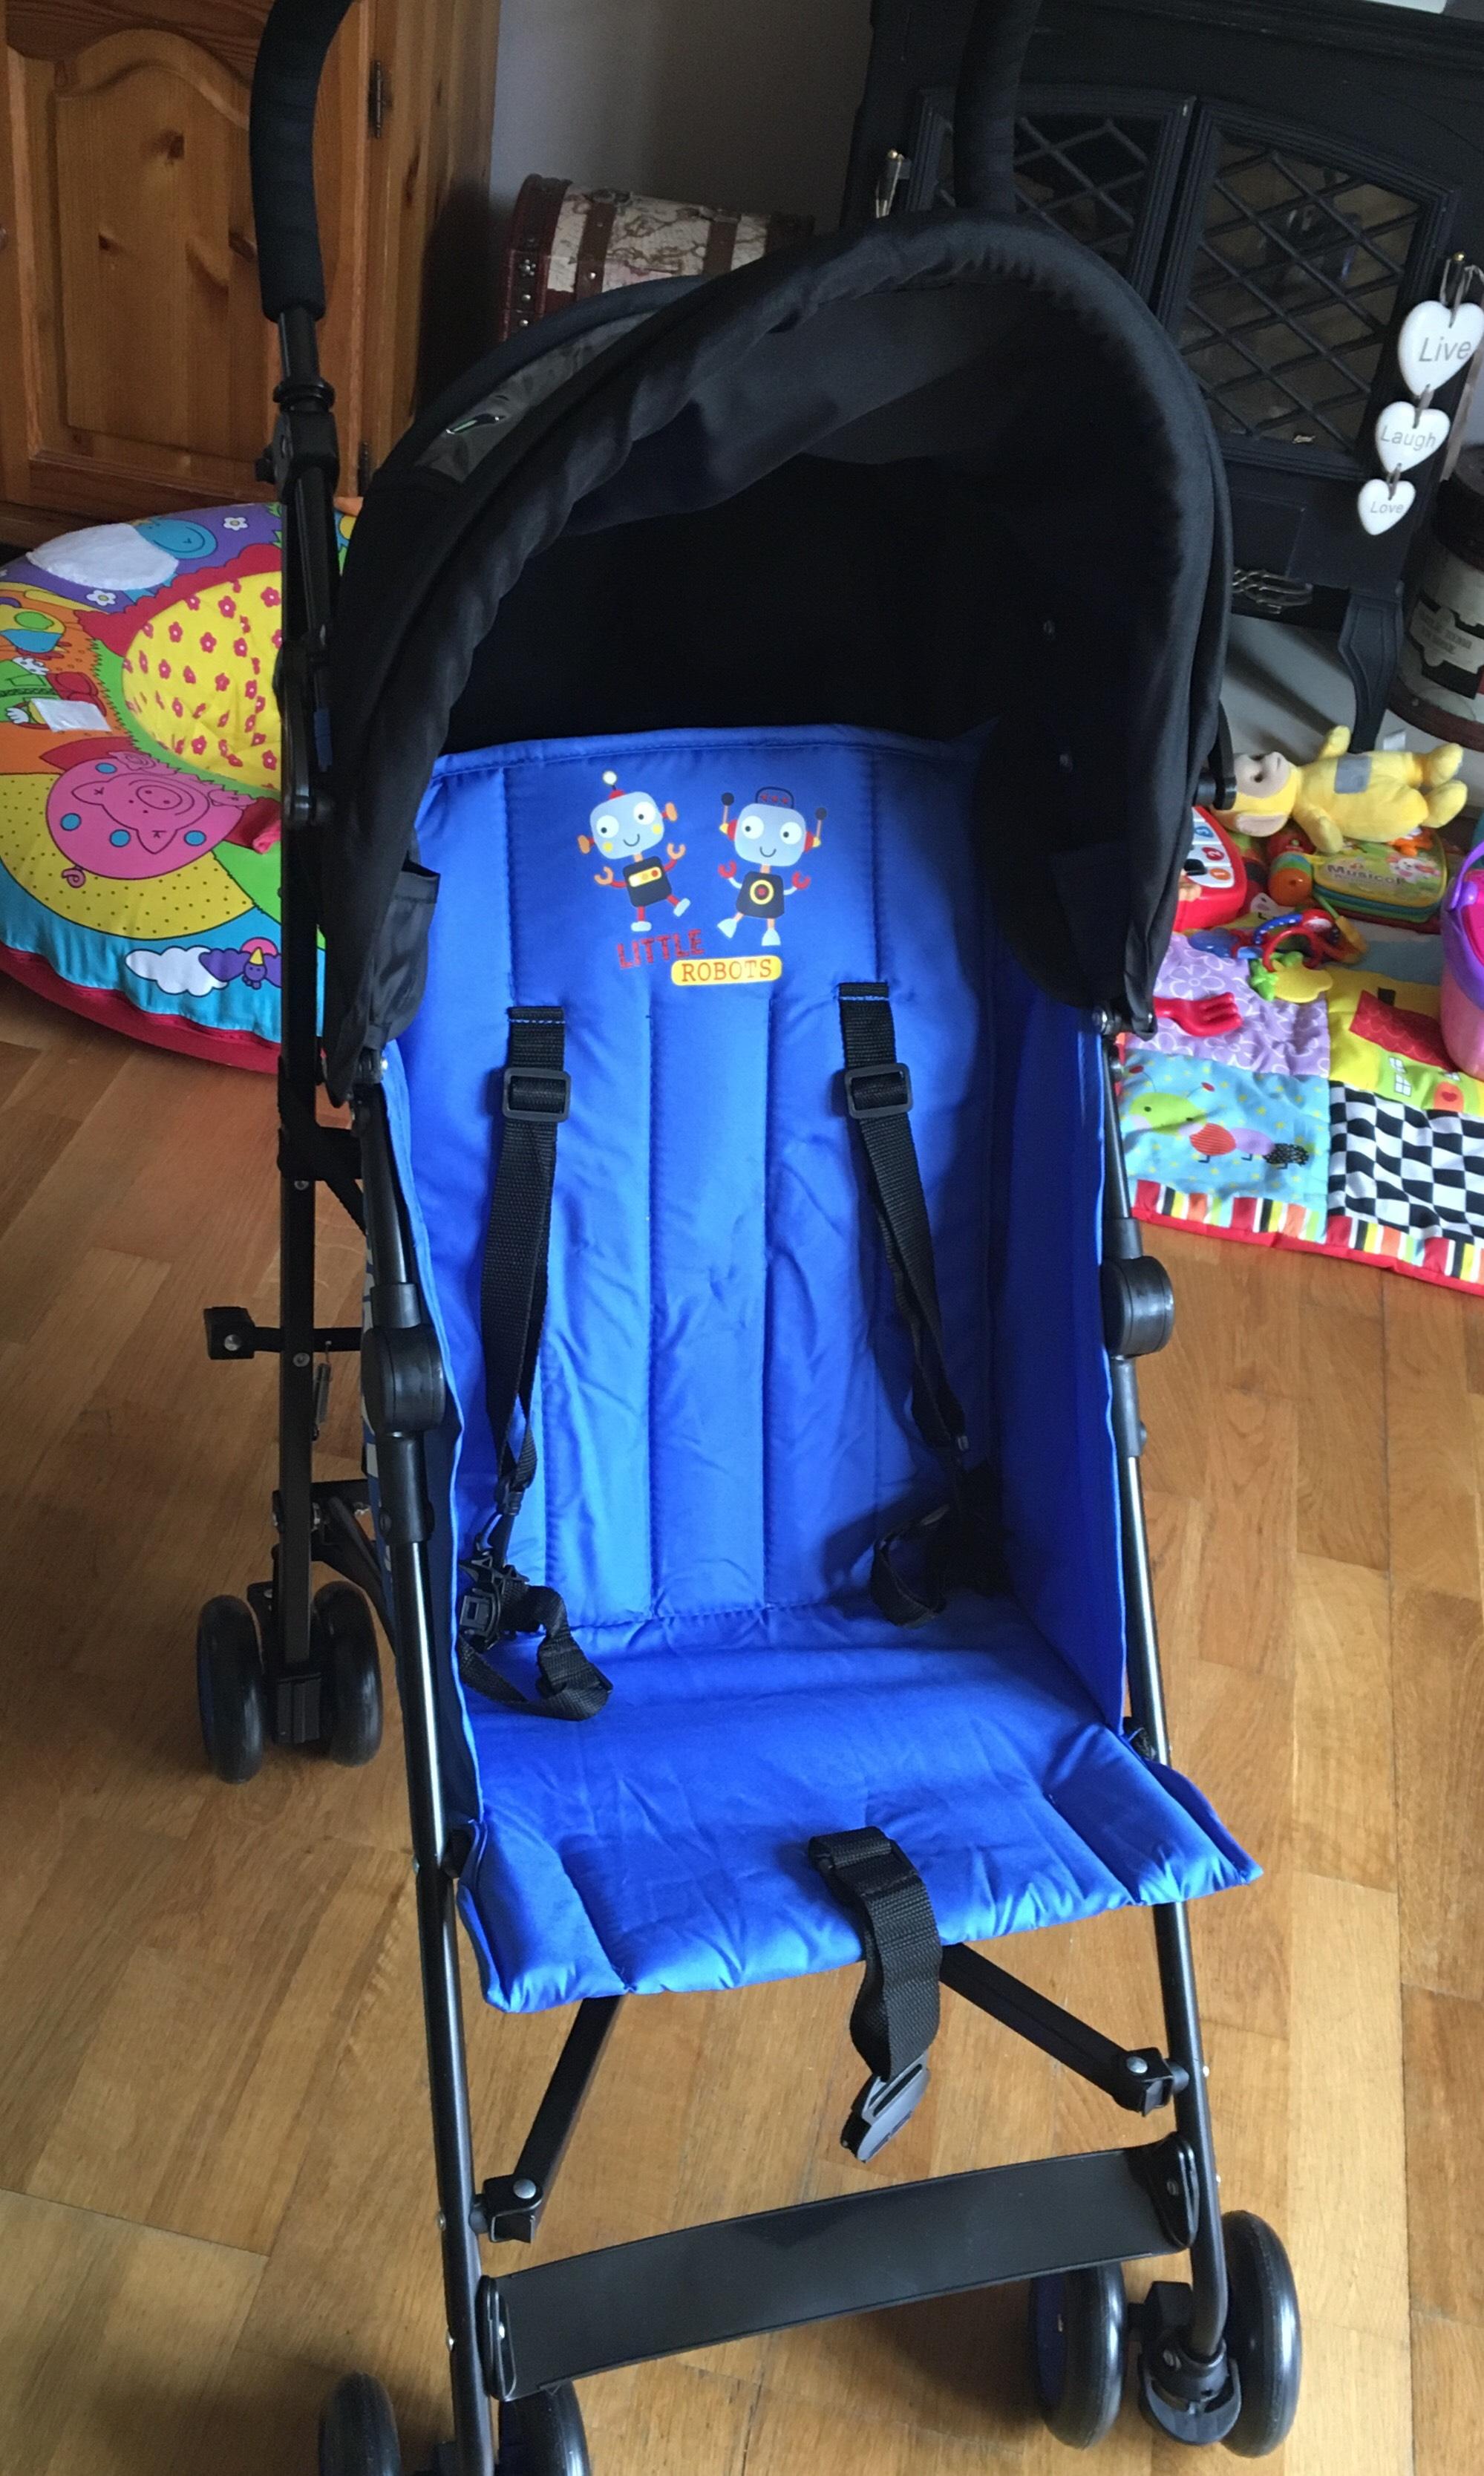 Stroller/Pram £22.98 @ Toys r us - Brent cross